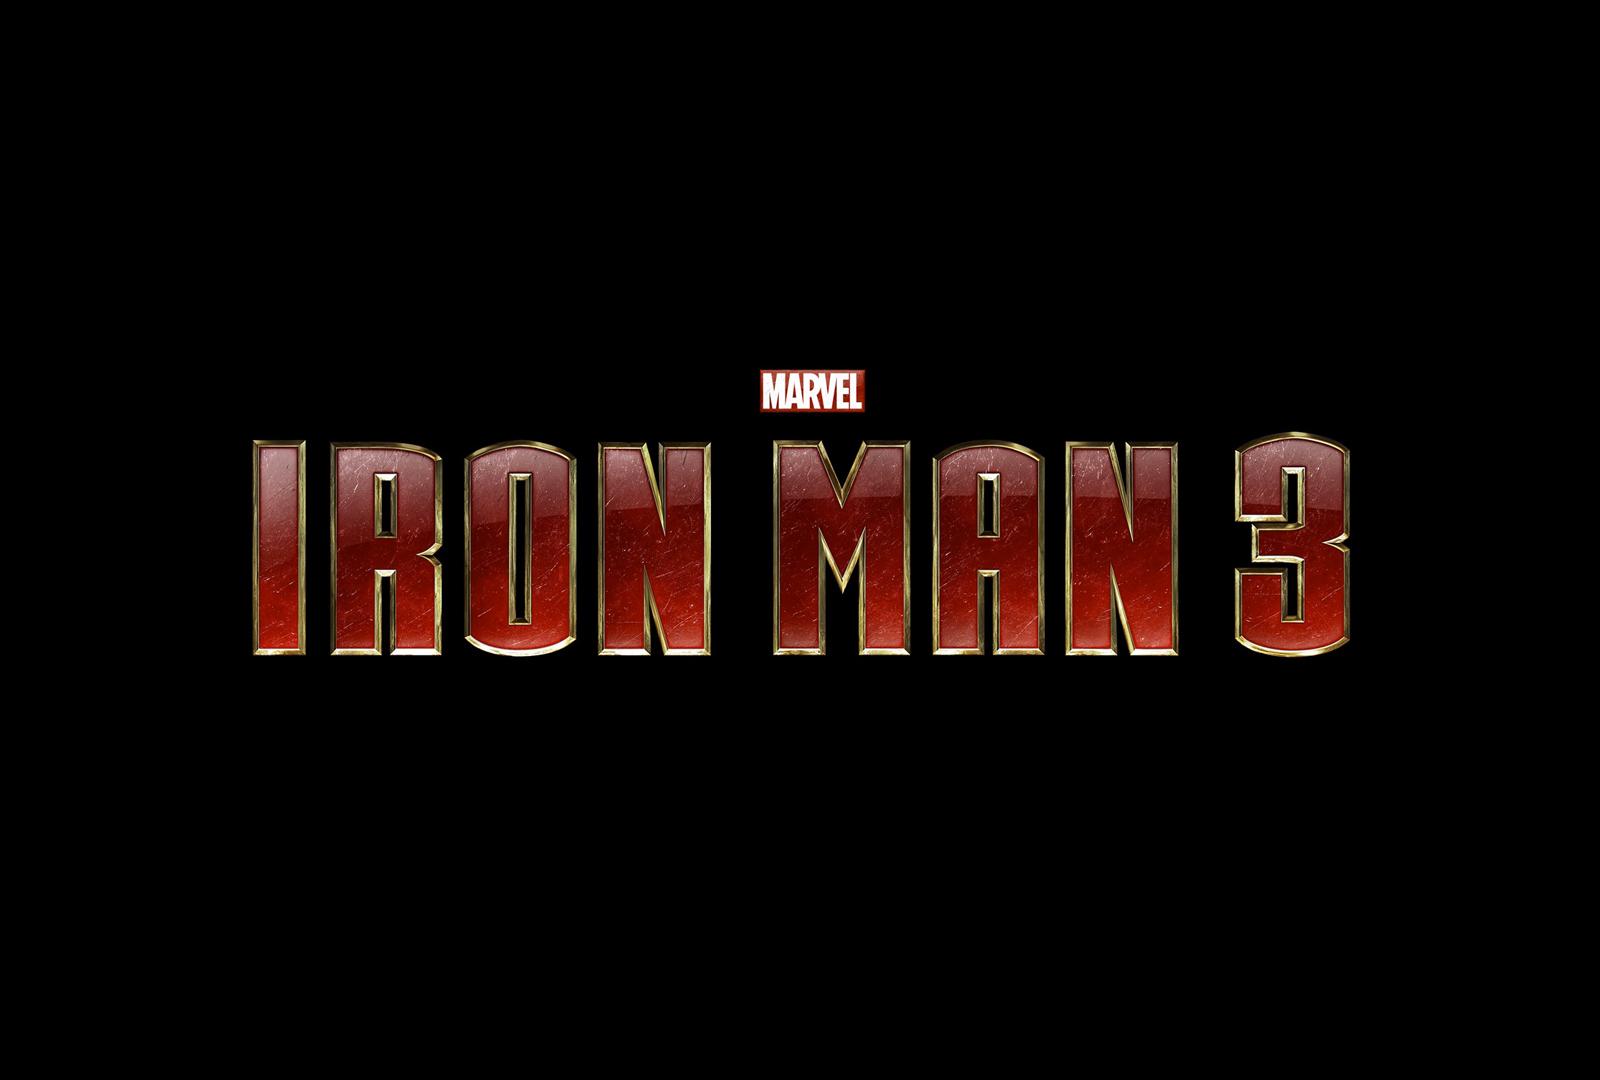 http://2.bp.blogspot.com/-QHGvOh8hHs0/UIe5l-d1jxI/AAAAAAAAFnk/Z61jpXvpPu0/s1600/Iron-Man-3-Logo-HD-Wallpaper_Vvallpaper.Net.jpg